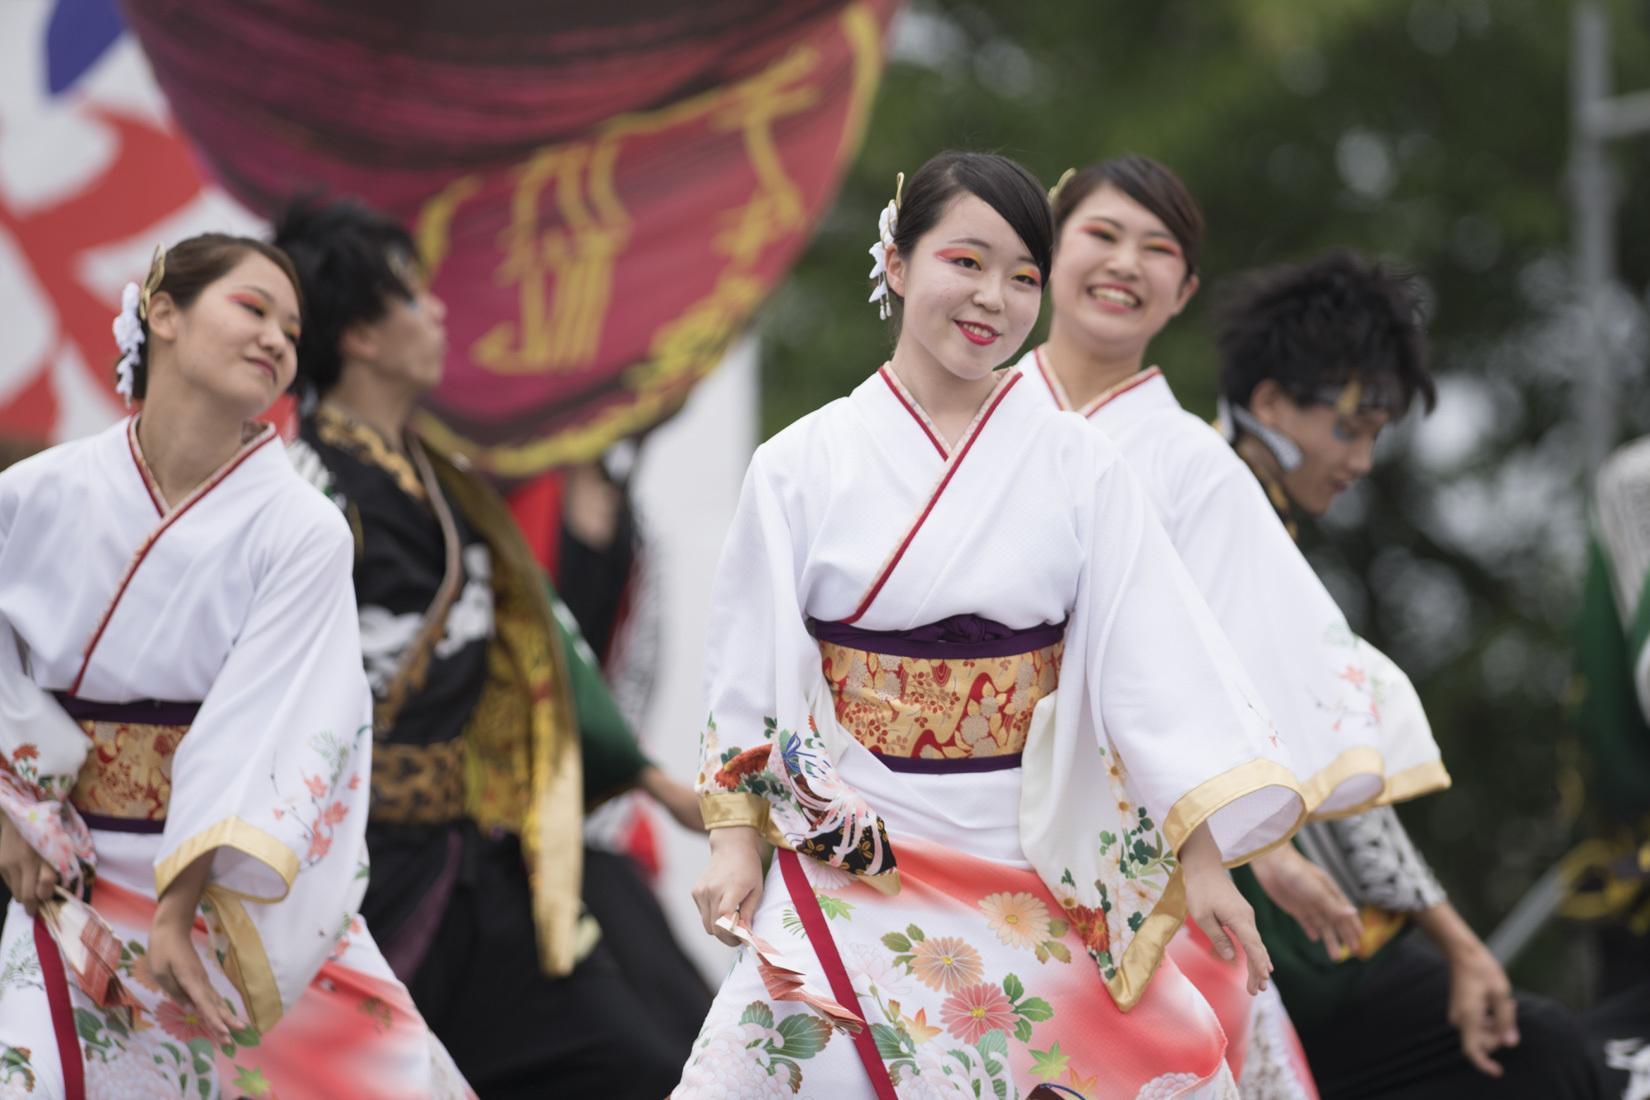 2019 犬山踊芸祭『浜松学生連 鰻陀羅』_f0184198_00134495.jpg